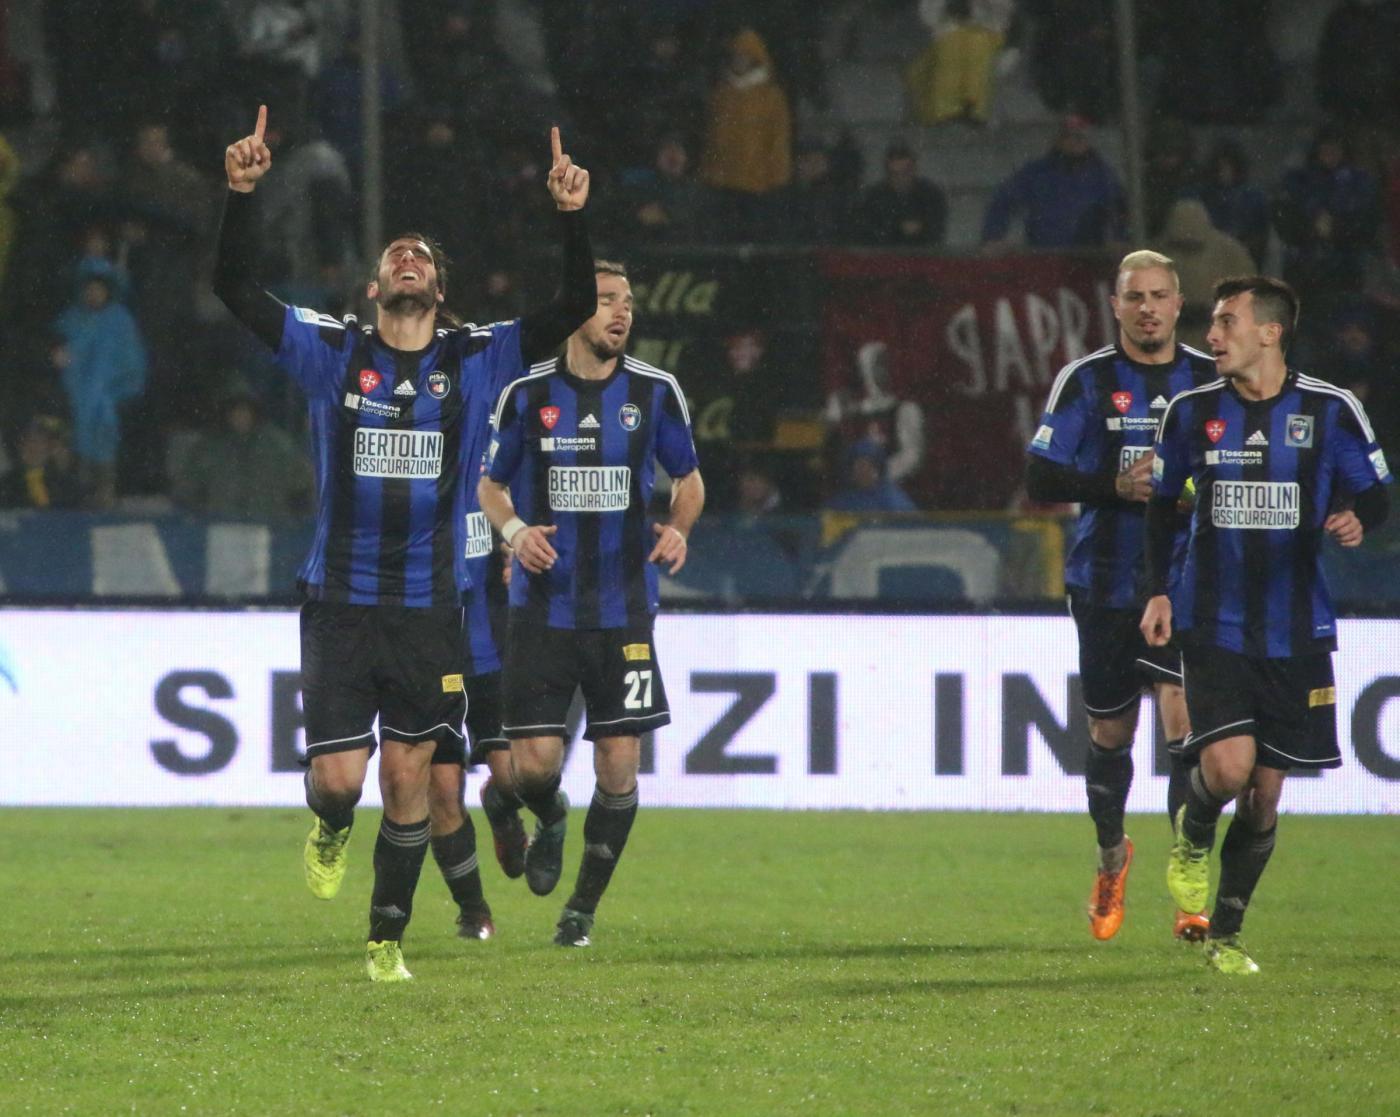 Serie C, Livorno-Pisa sabato 14 aprile: derby in alta quota per la Serie B